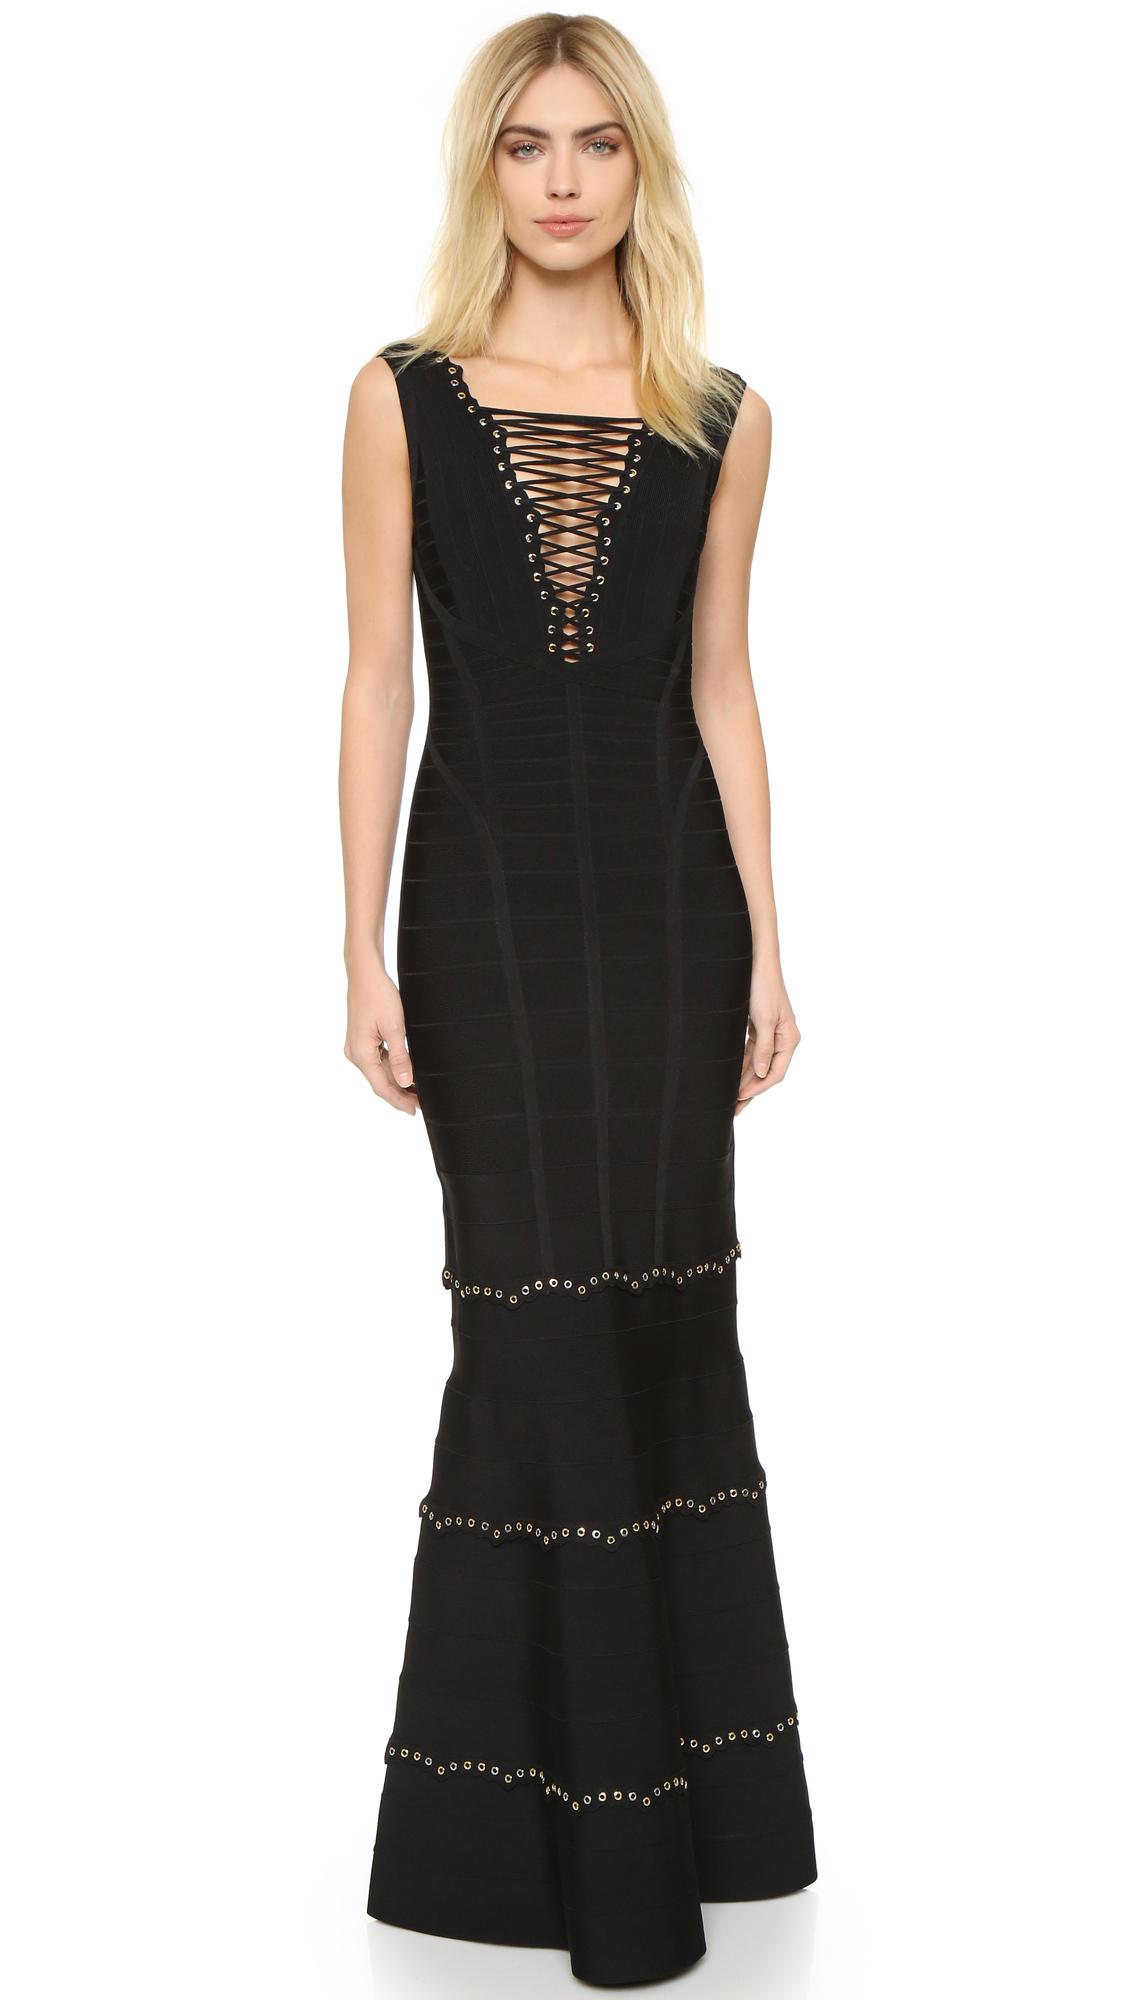 H m lace bandeau dress harve